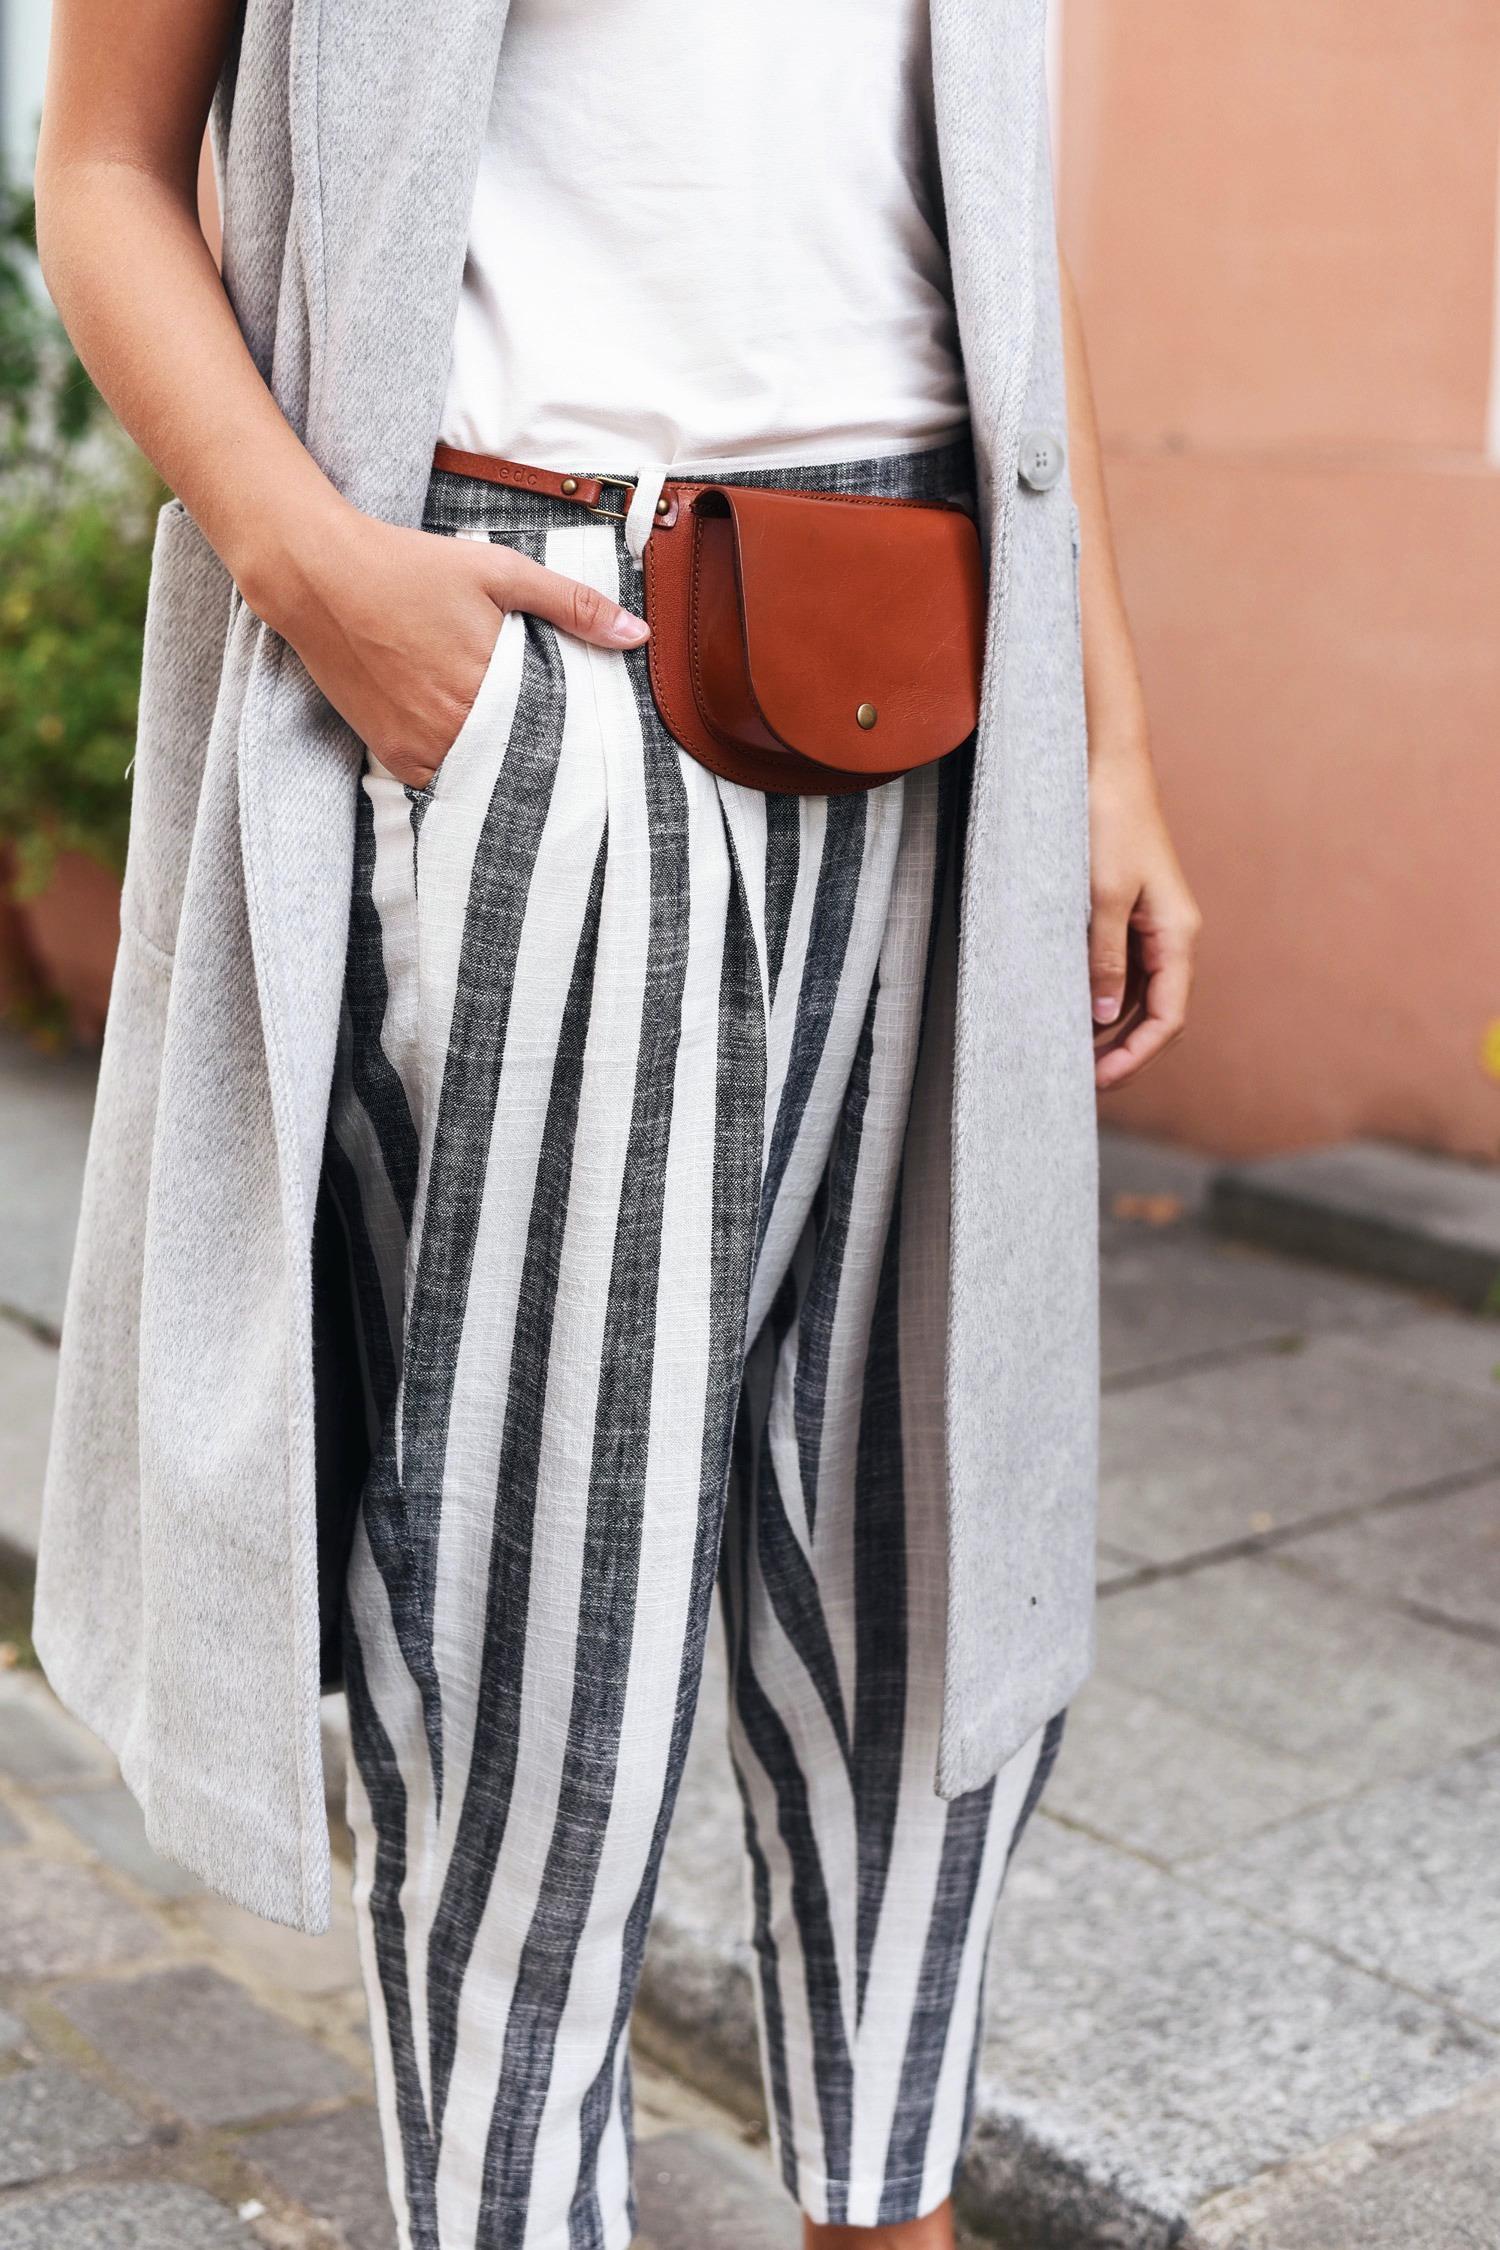 belt-bag-trend-streestsyle-blogger-gürteltasche-taschentrends-2017-fashiioncarpet-